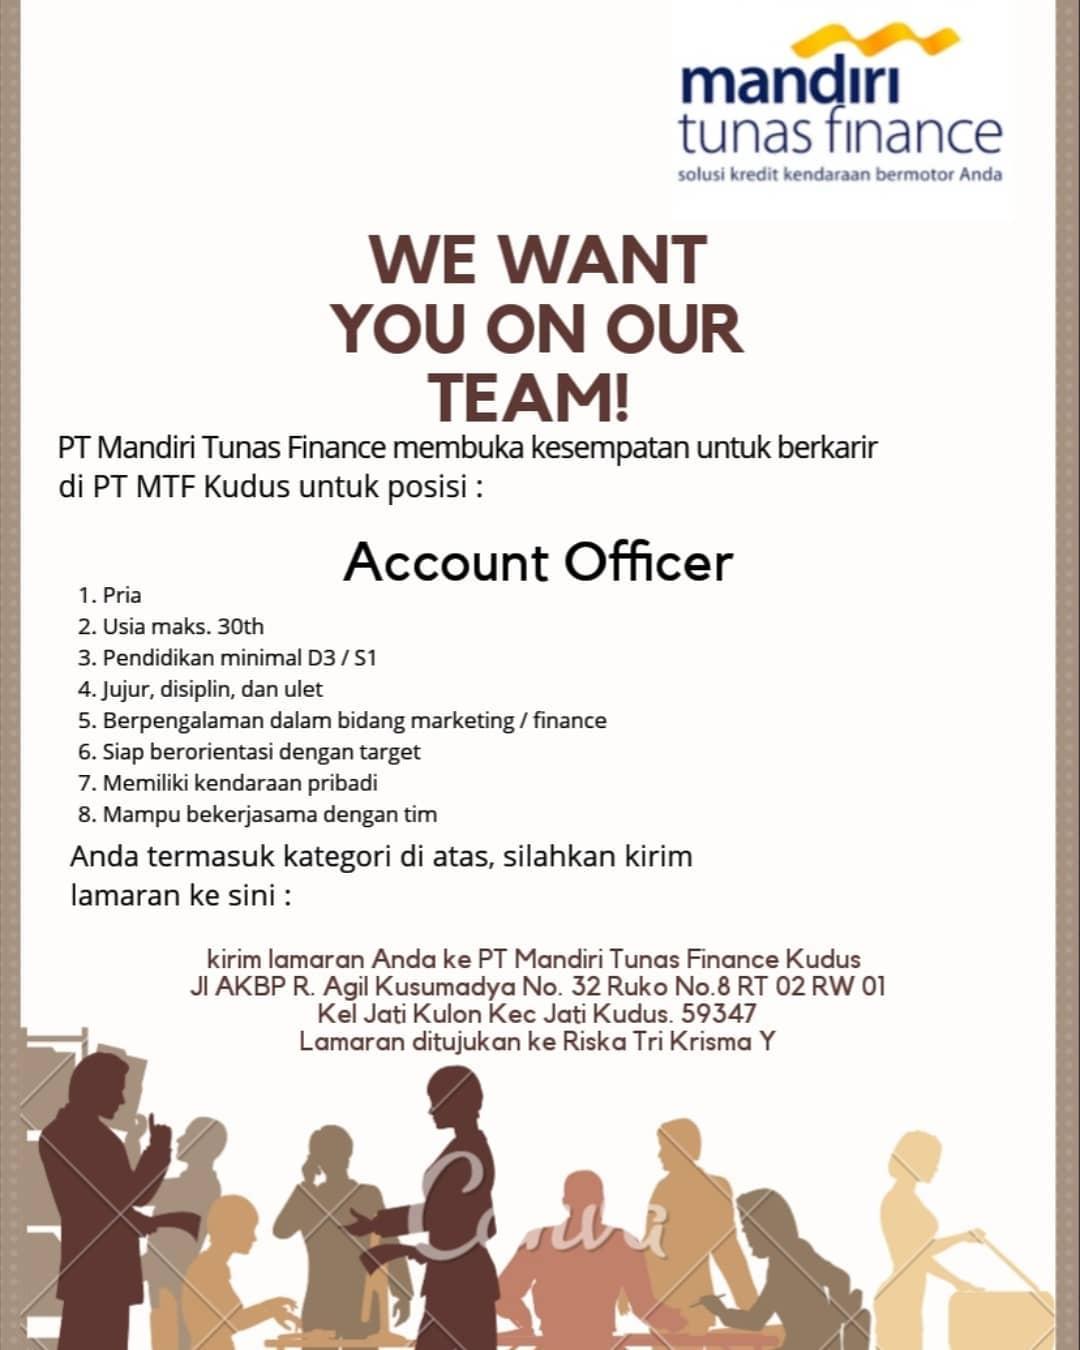 Kuduskerja informasi lowongan kerja hari ini, PT. Mandiri Tunas Finance Sedang membuka kesempatan berkerja sebagai Account Officer dengan ketentuan sebagai berikut